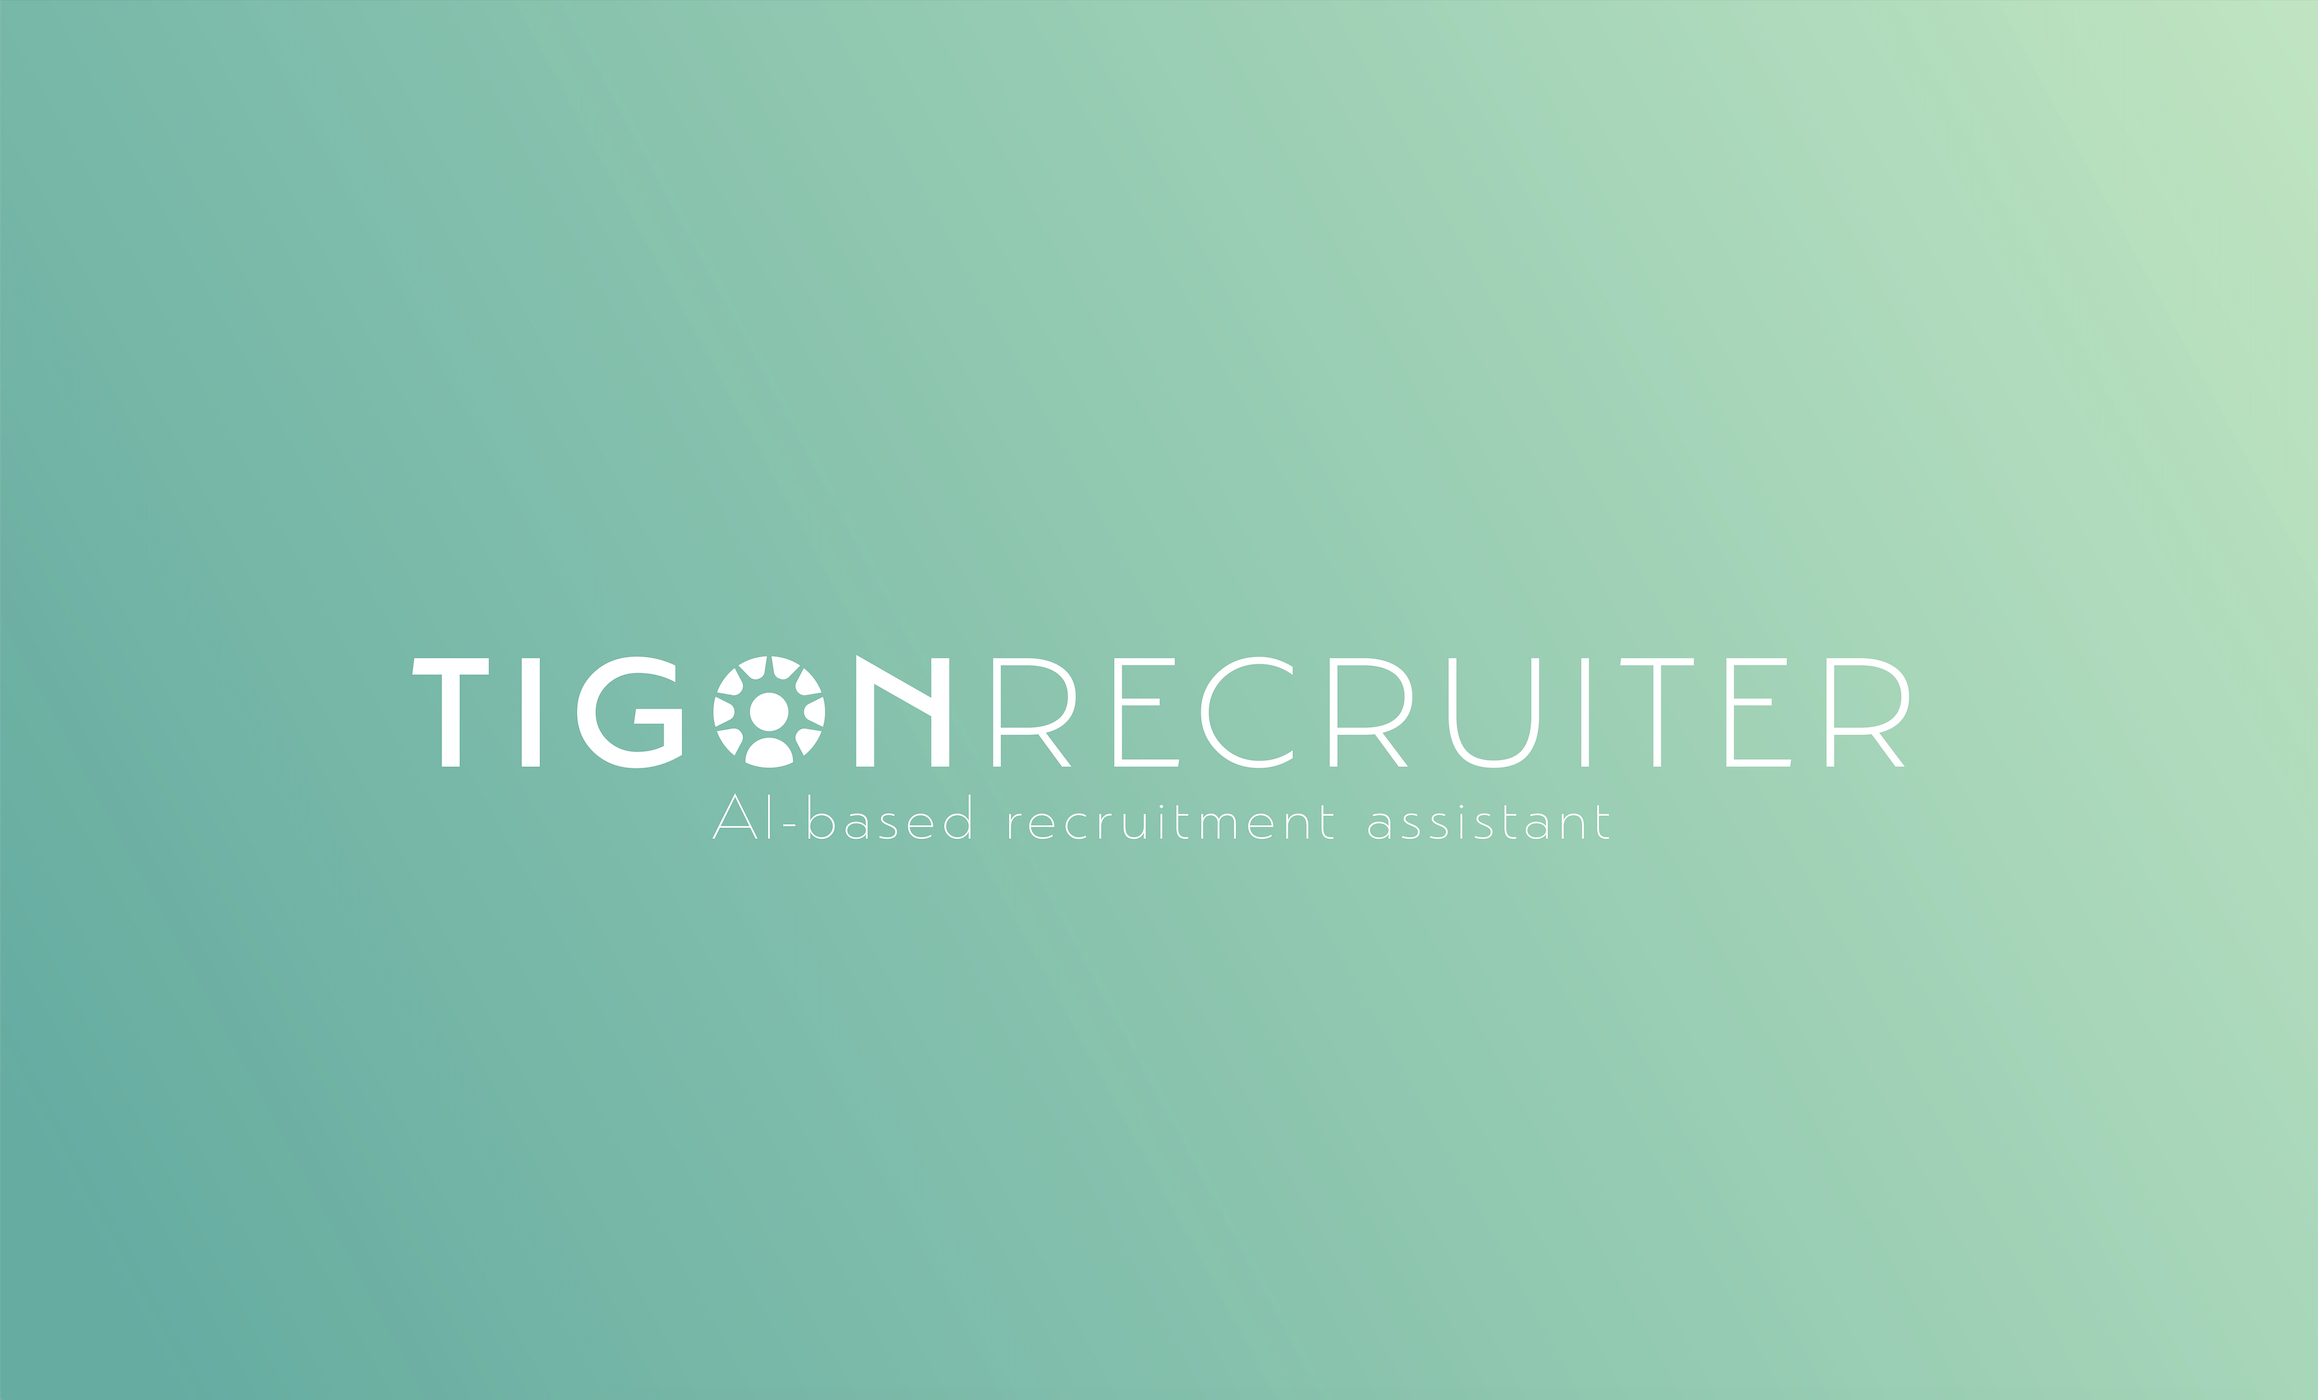 Tigon Recruiter Image 2